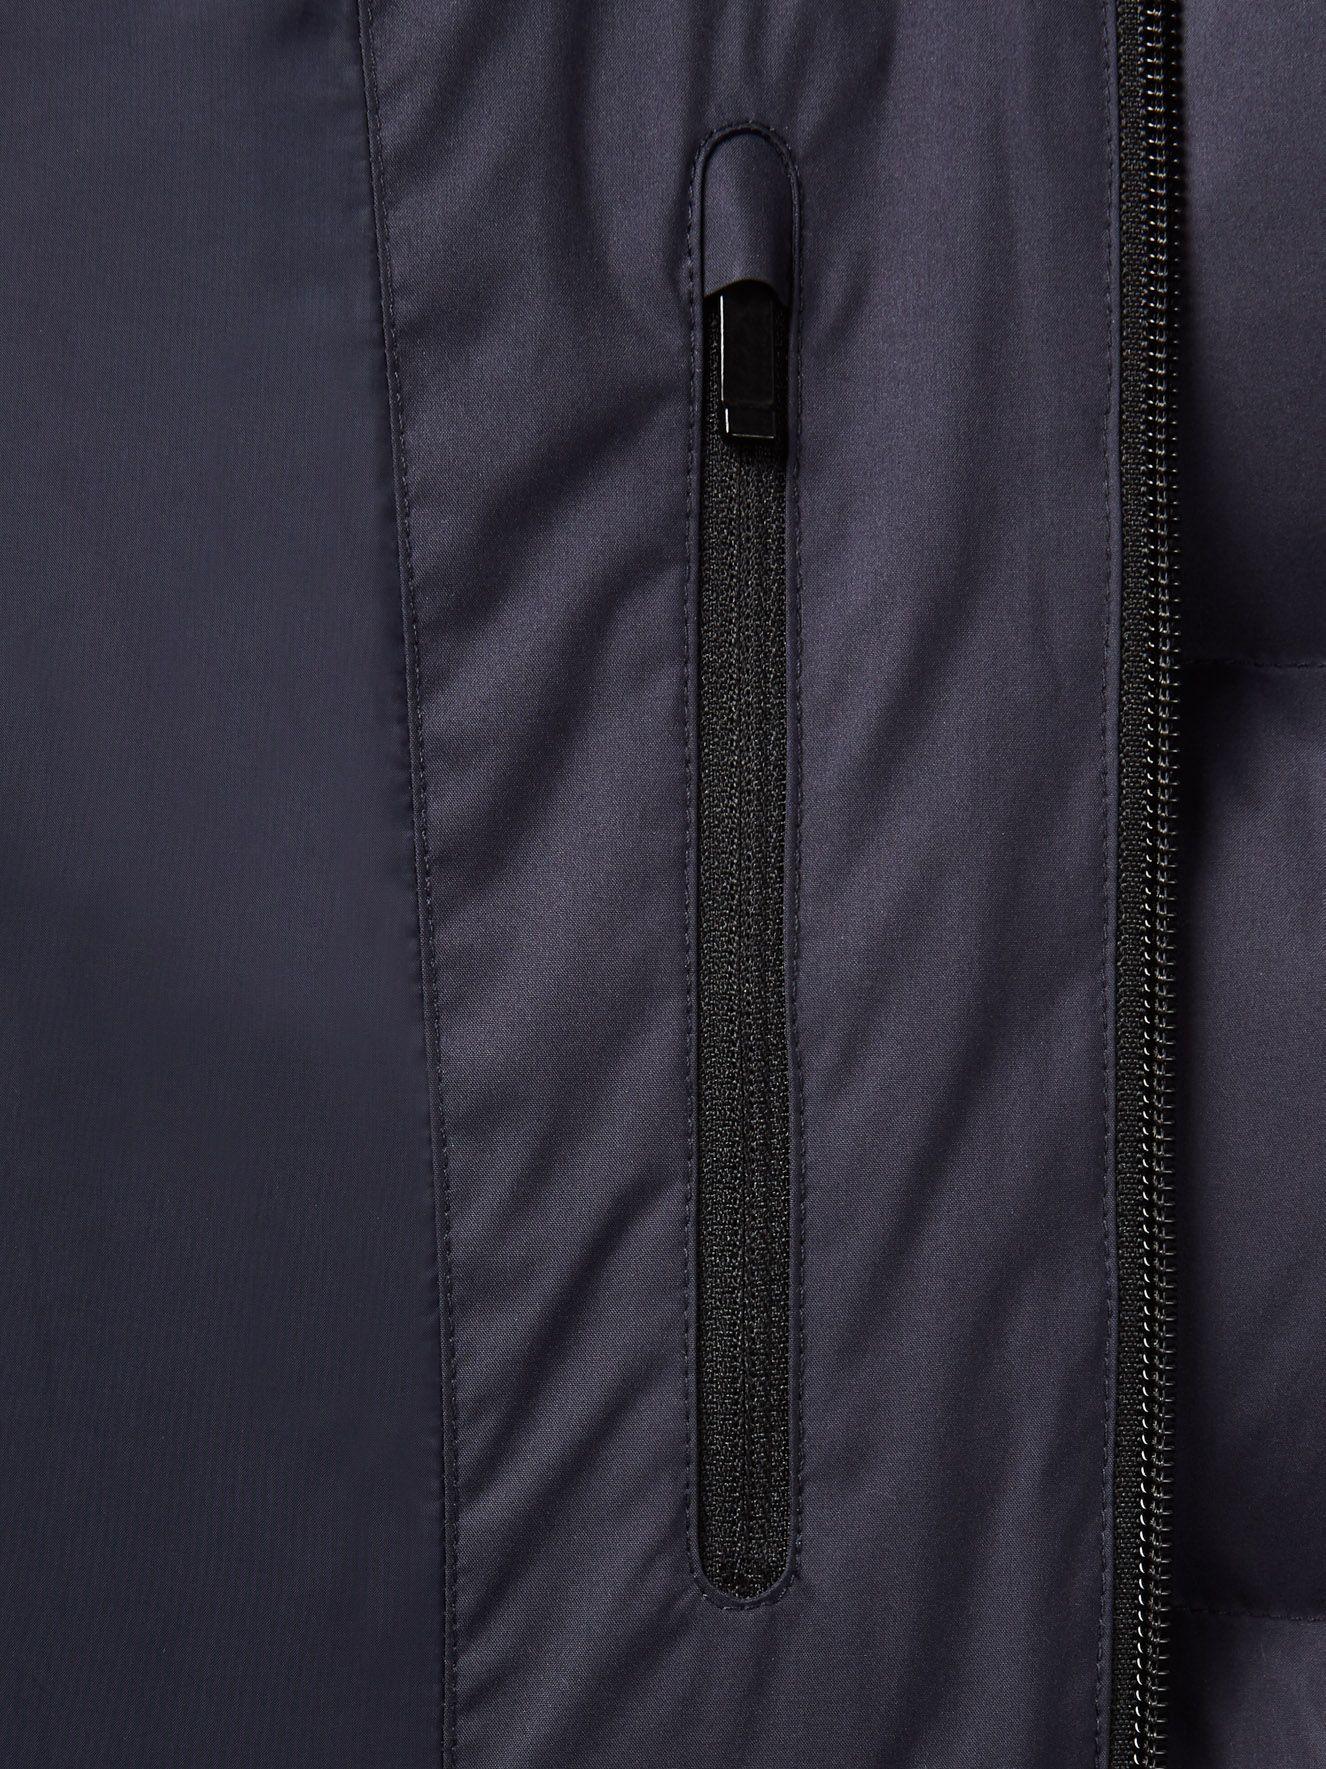 Cazadora Corta De Plumón Azul Marino FW16 9924013   Zegna